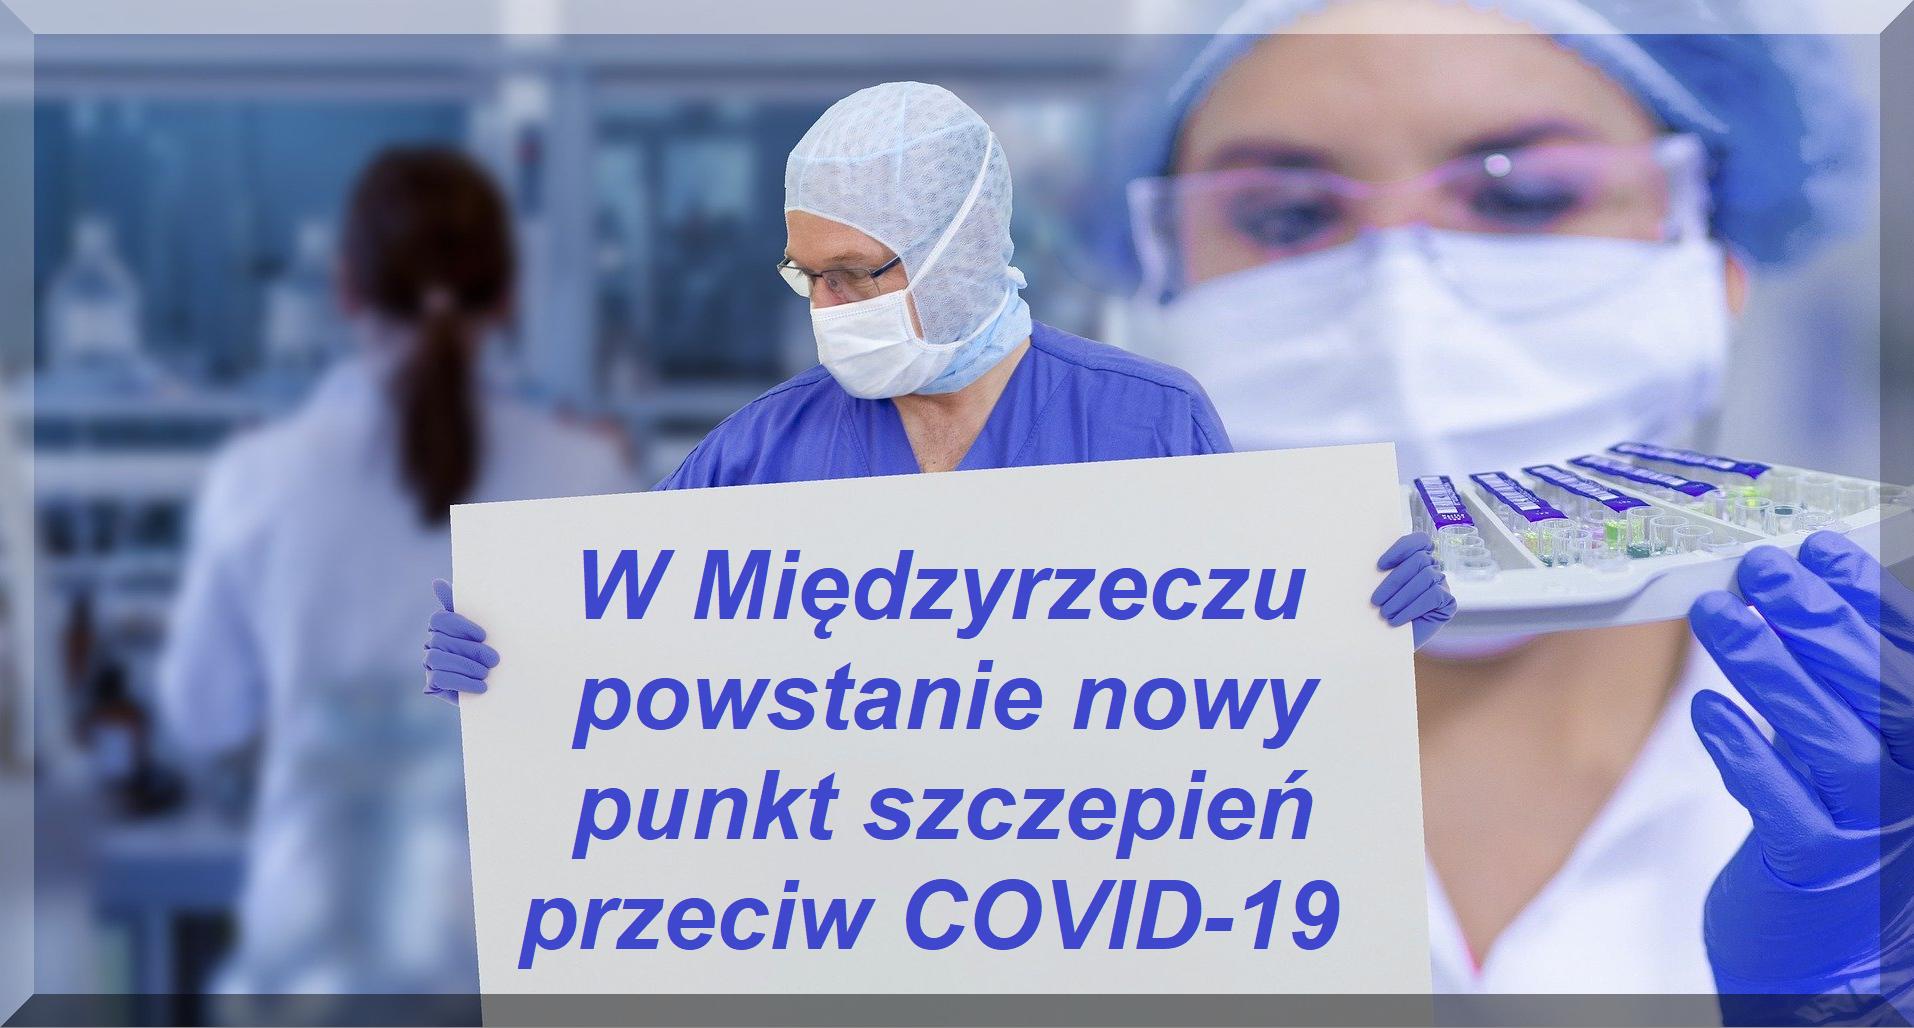 Ilustracja do informacji: Kolejny punkt szczepień w Międzyrzeczu